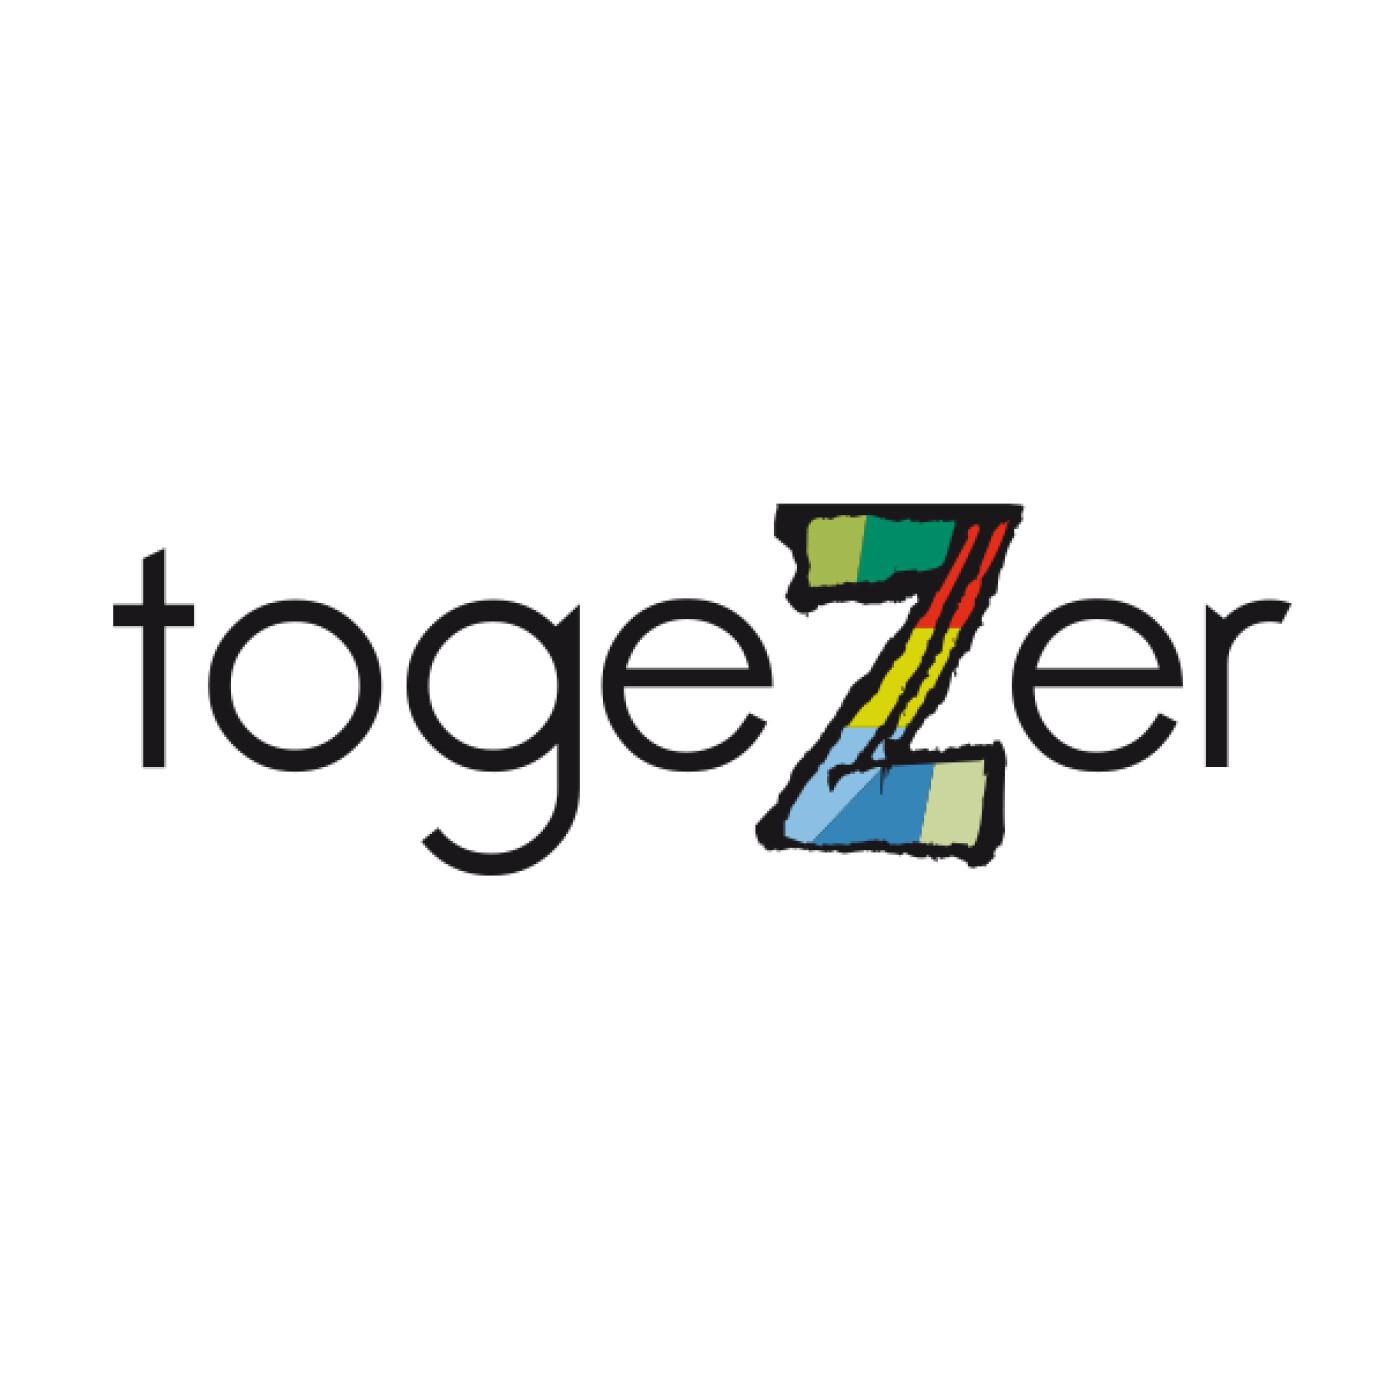 Thomas de Togezer parle de la transition écologique dans le monde des voyages - 11 10 2021 - StereoChic Radio